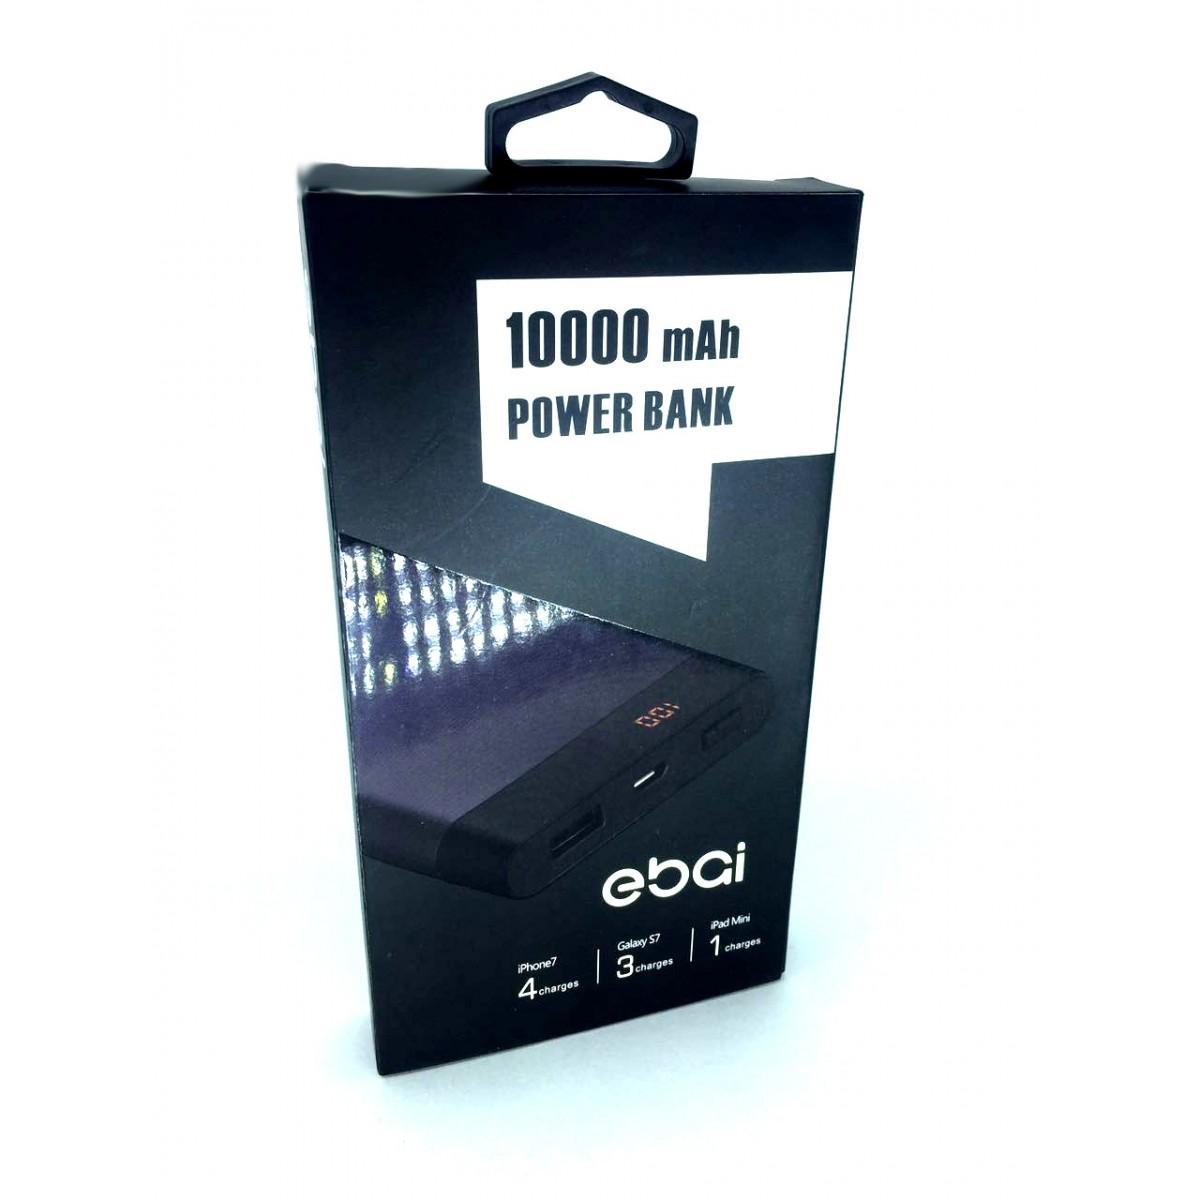 Powerbank 10.000mAh Reais Ebai Oficial com carregamento Turbo